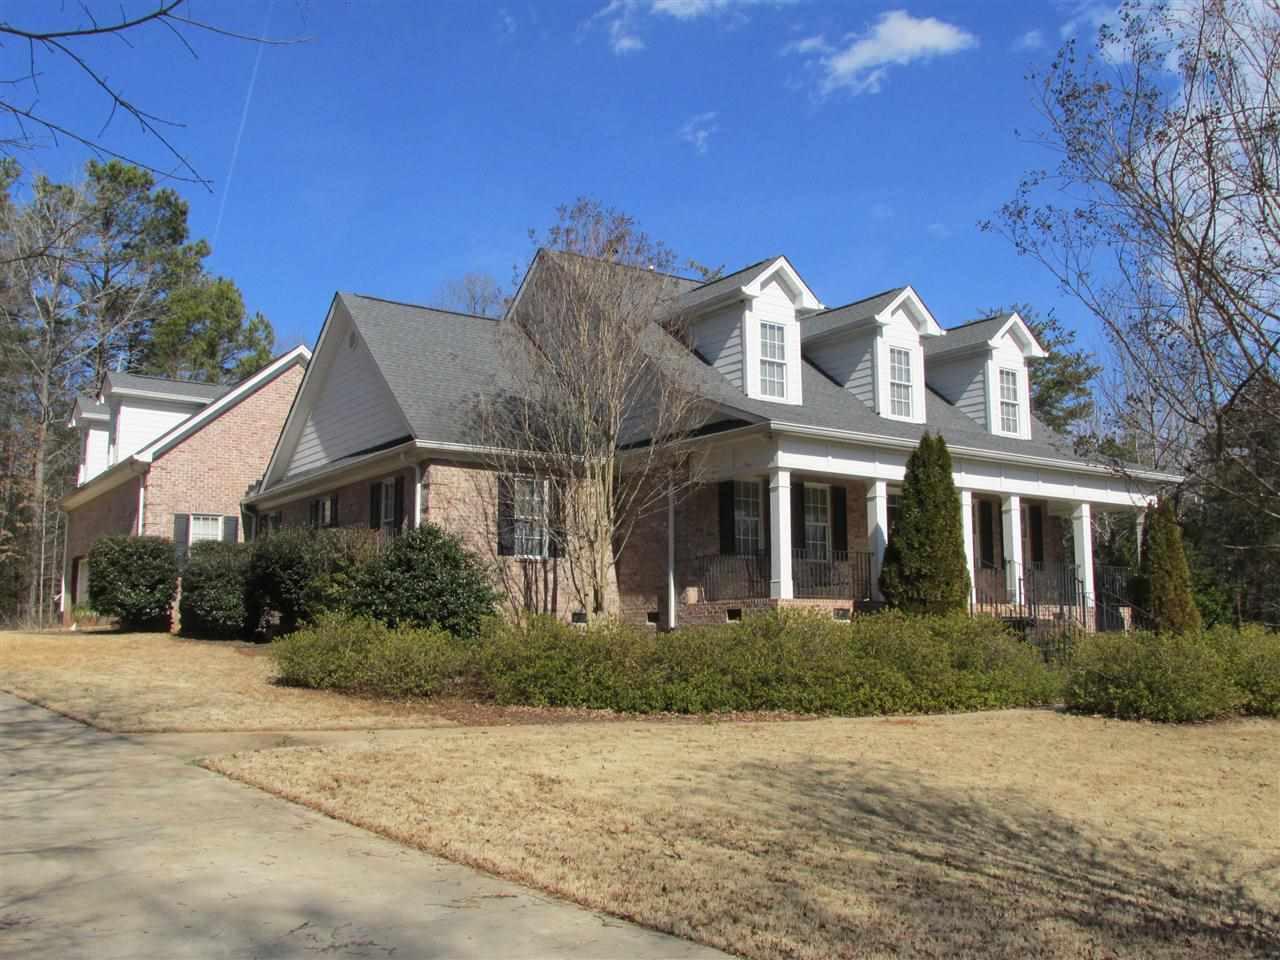 Real Estate for Sale, ListingId: 31949808, Belton,SC29627